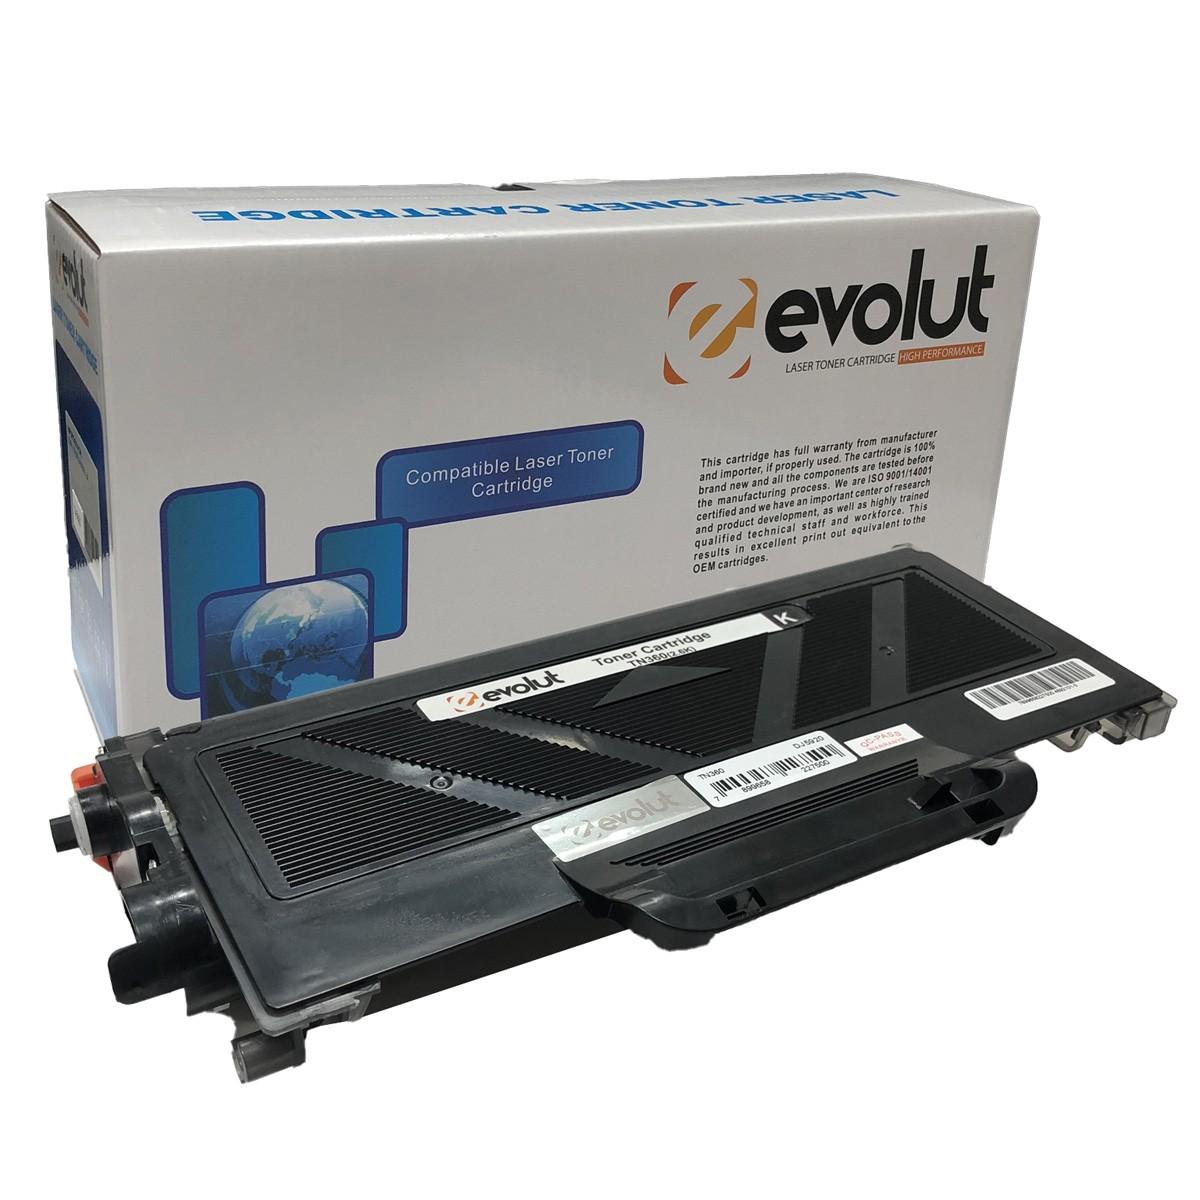 Toner TN360 Evolut Compatível com HL2140 2150N 2170N 2170W DCP7030 7040 MFC7045 7320 7340 7450 7440 7440N 7840W